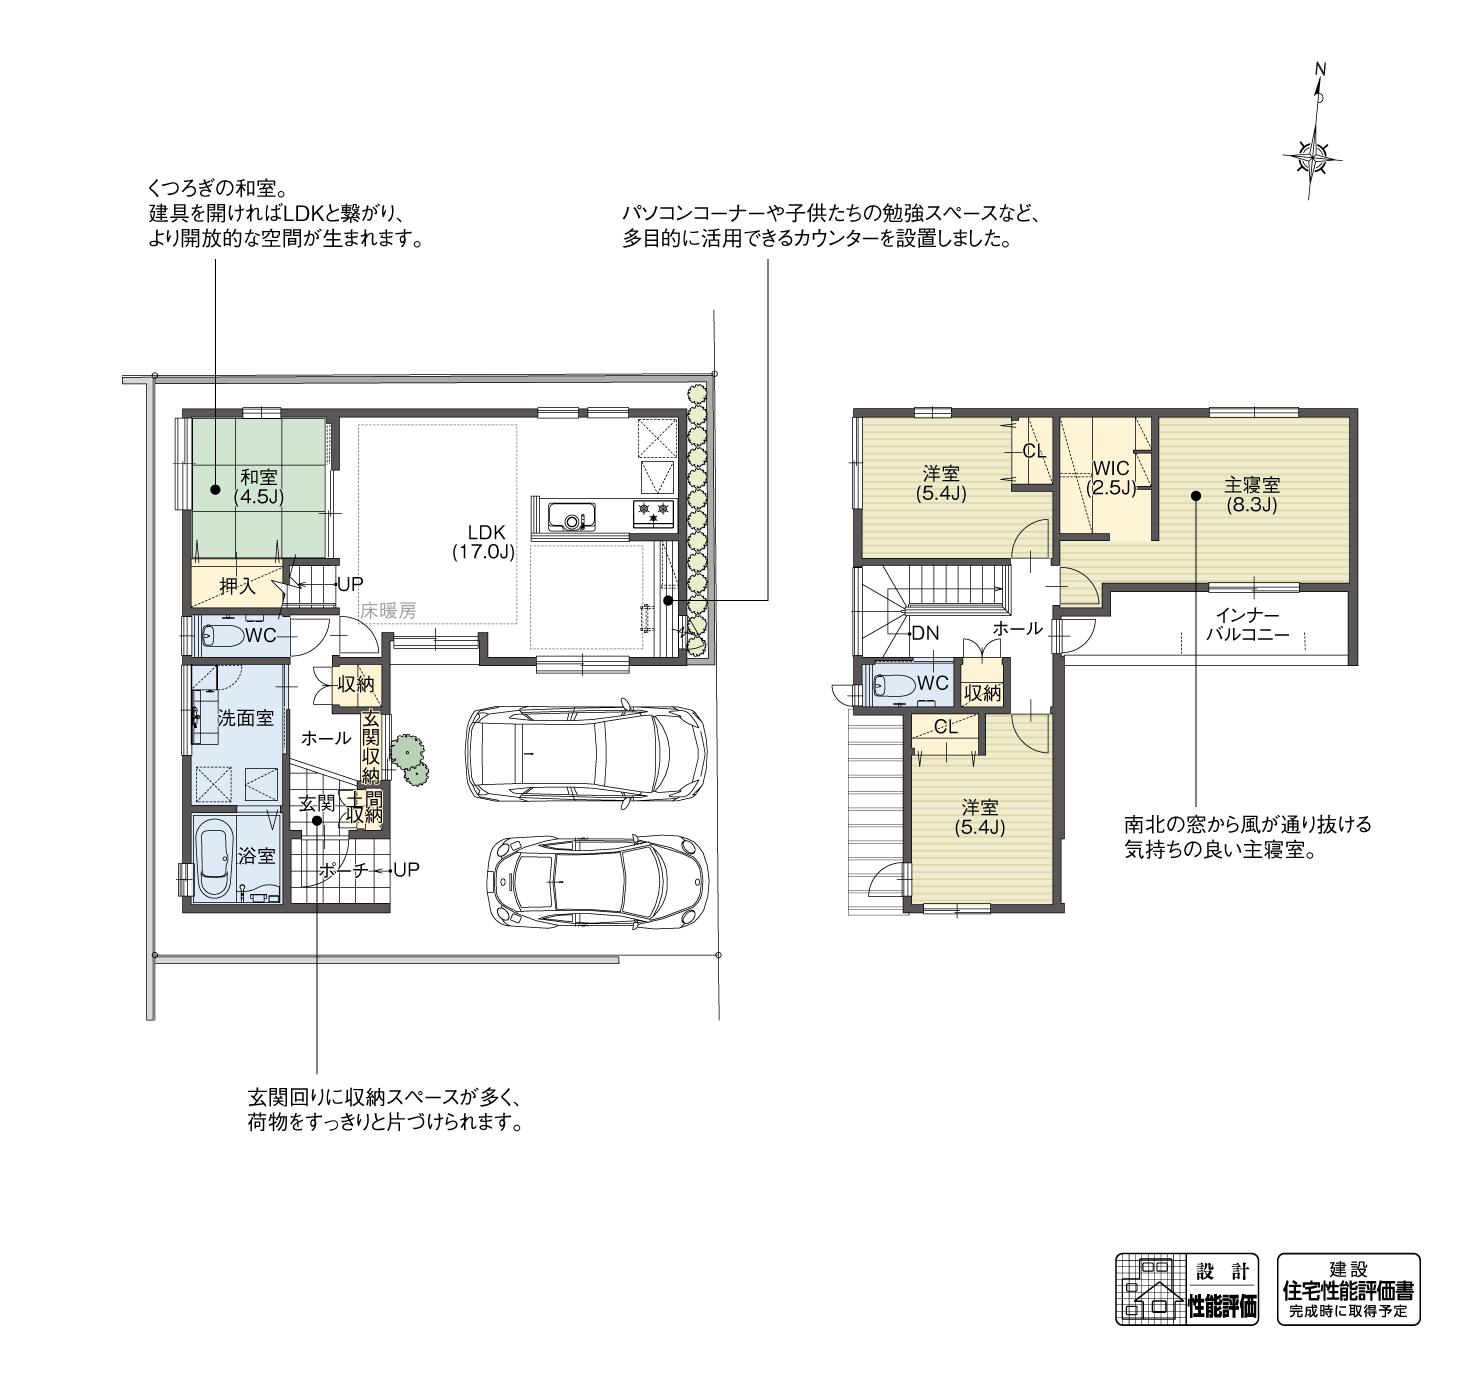 5_間取図_plan3_港区⼩碓3